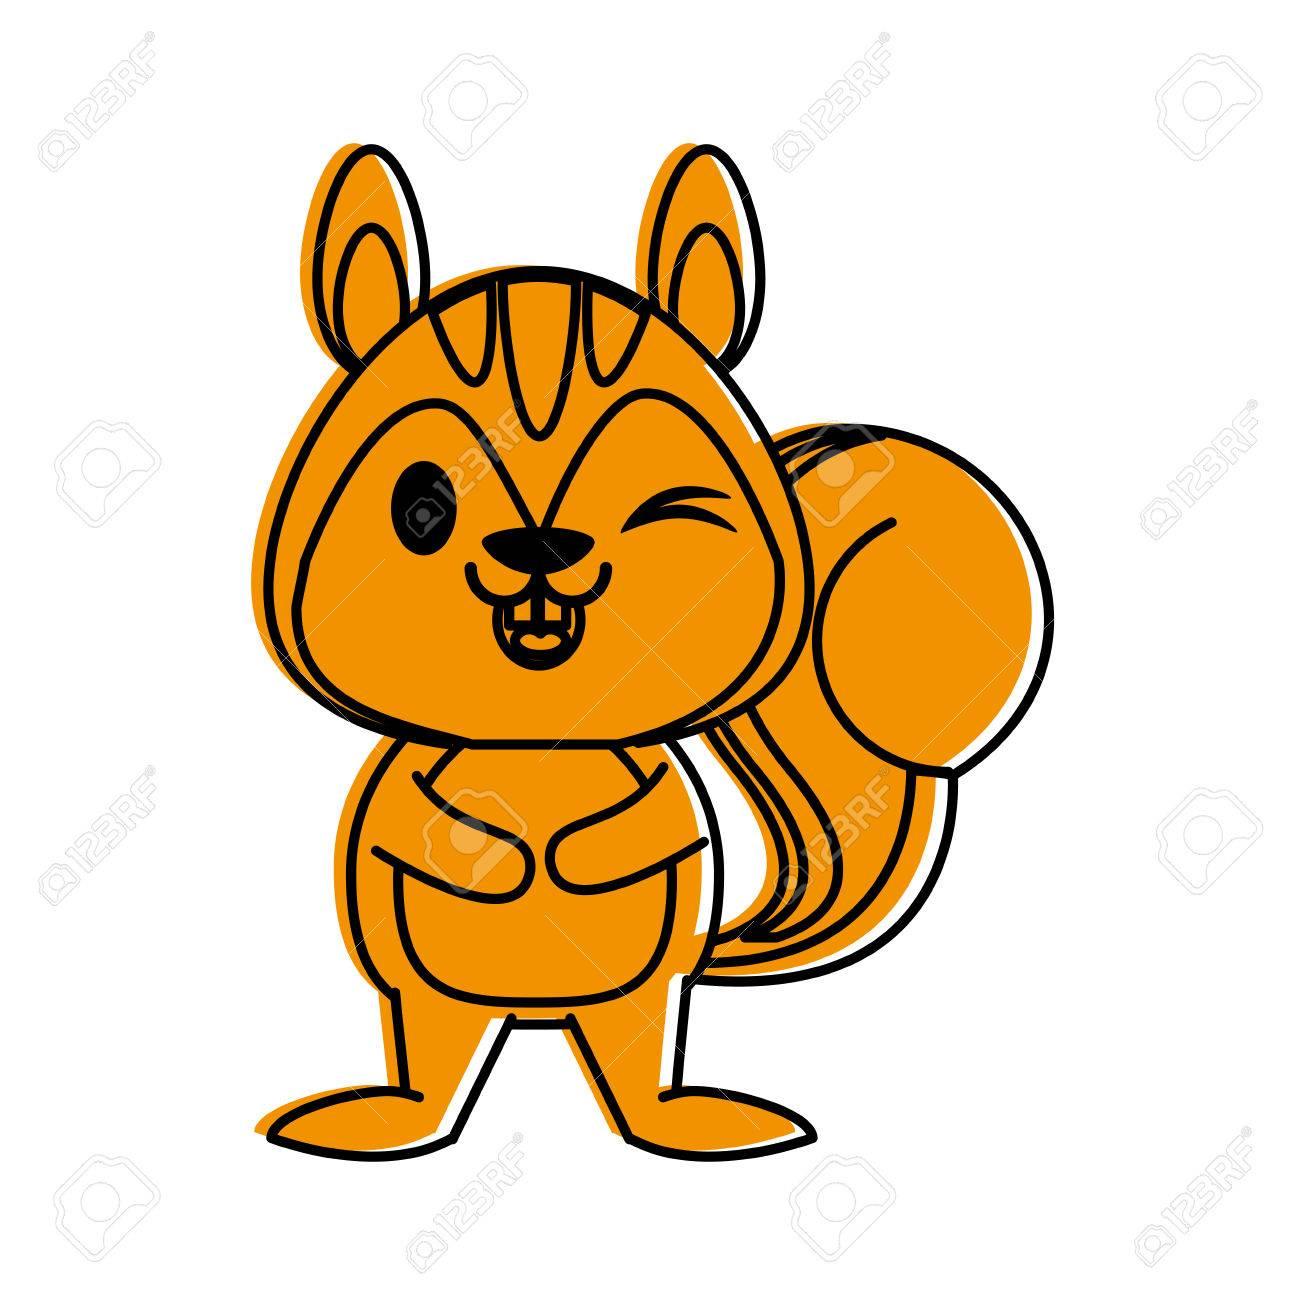 かわいい動物漫画アイコン画像ベクトル イラスト デザイン オレンジ色